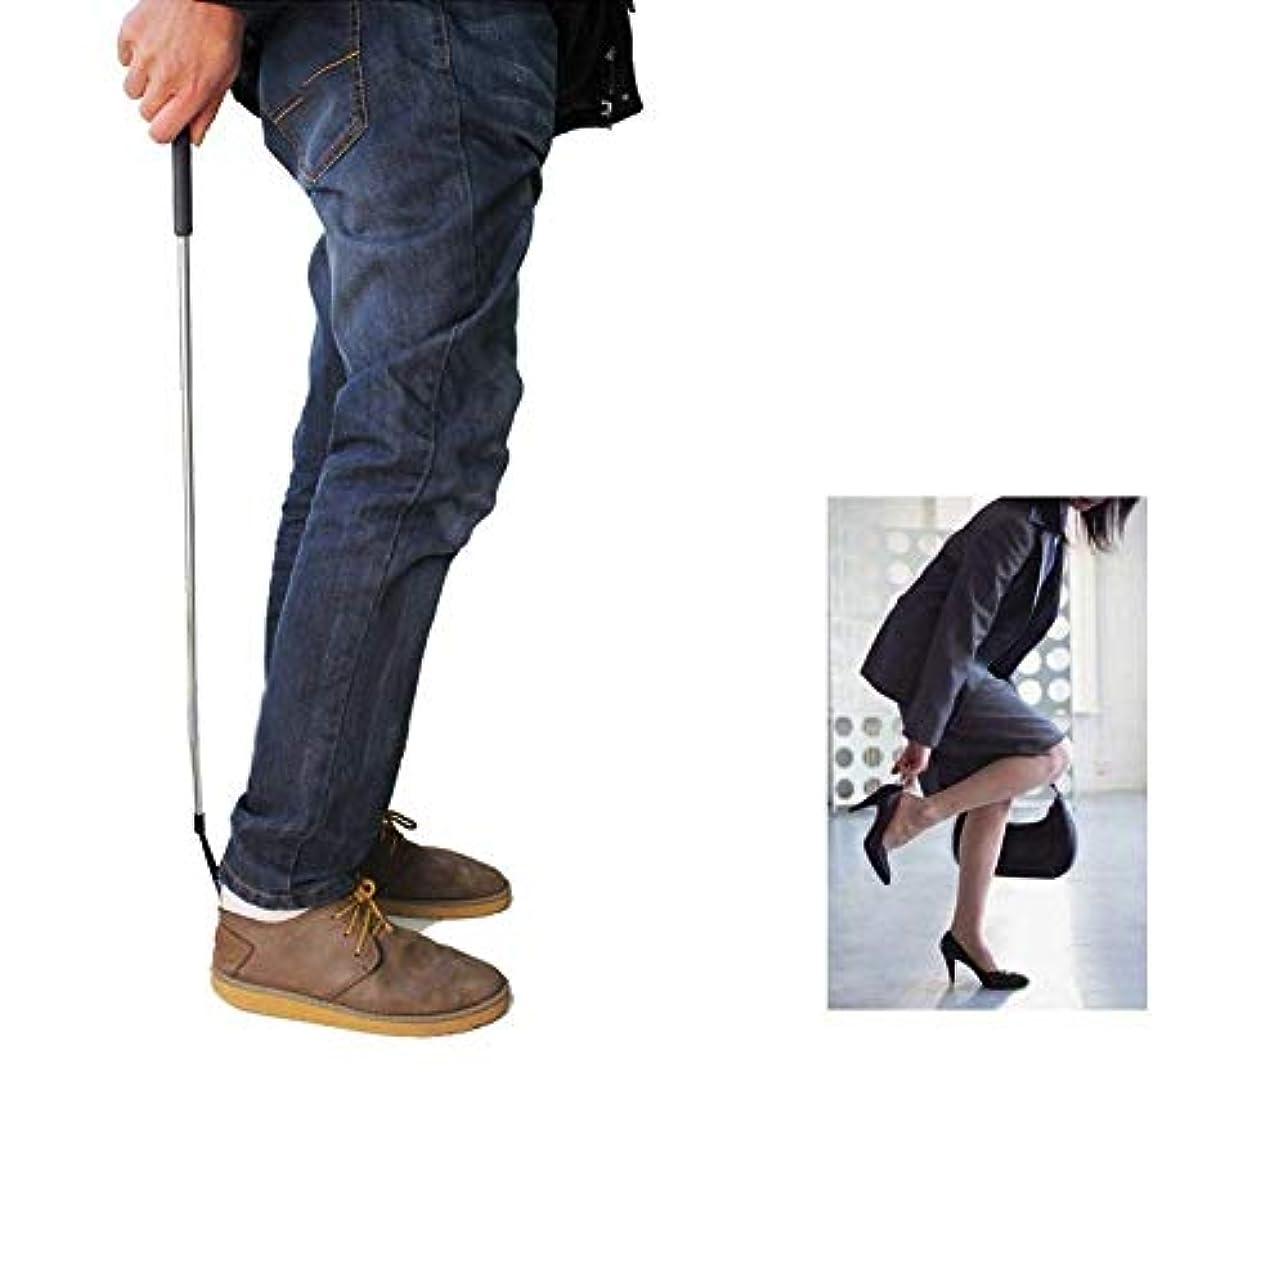 ペルソナチャンピオン笑いPichidr-JP 靴べら シューホーン くつべら 靴 長ヘラ 携帯 伸縮自在 シューケア ロング 軽量 高齢者 靴の角拡張可能&折りたたみ 男性女性靴